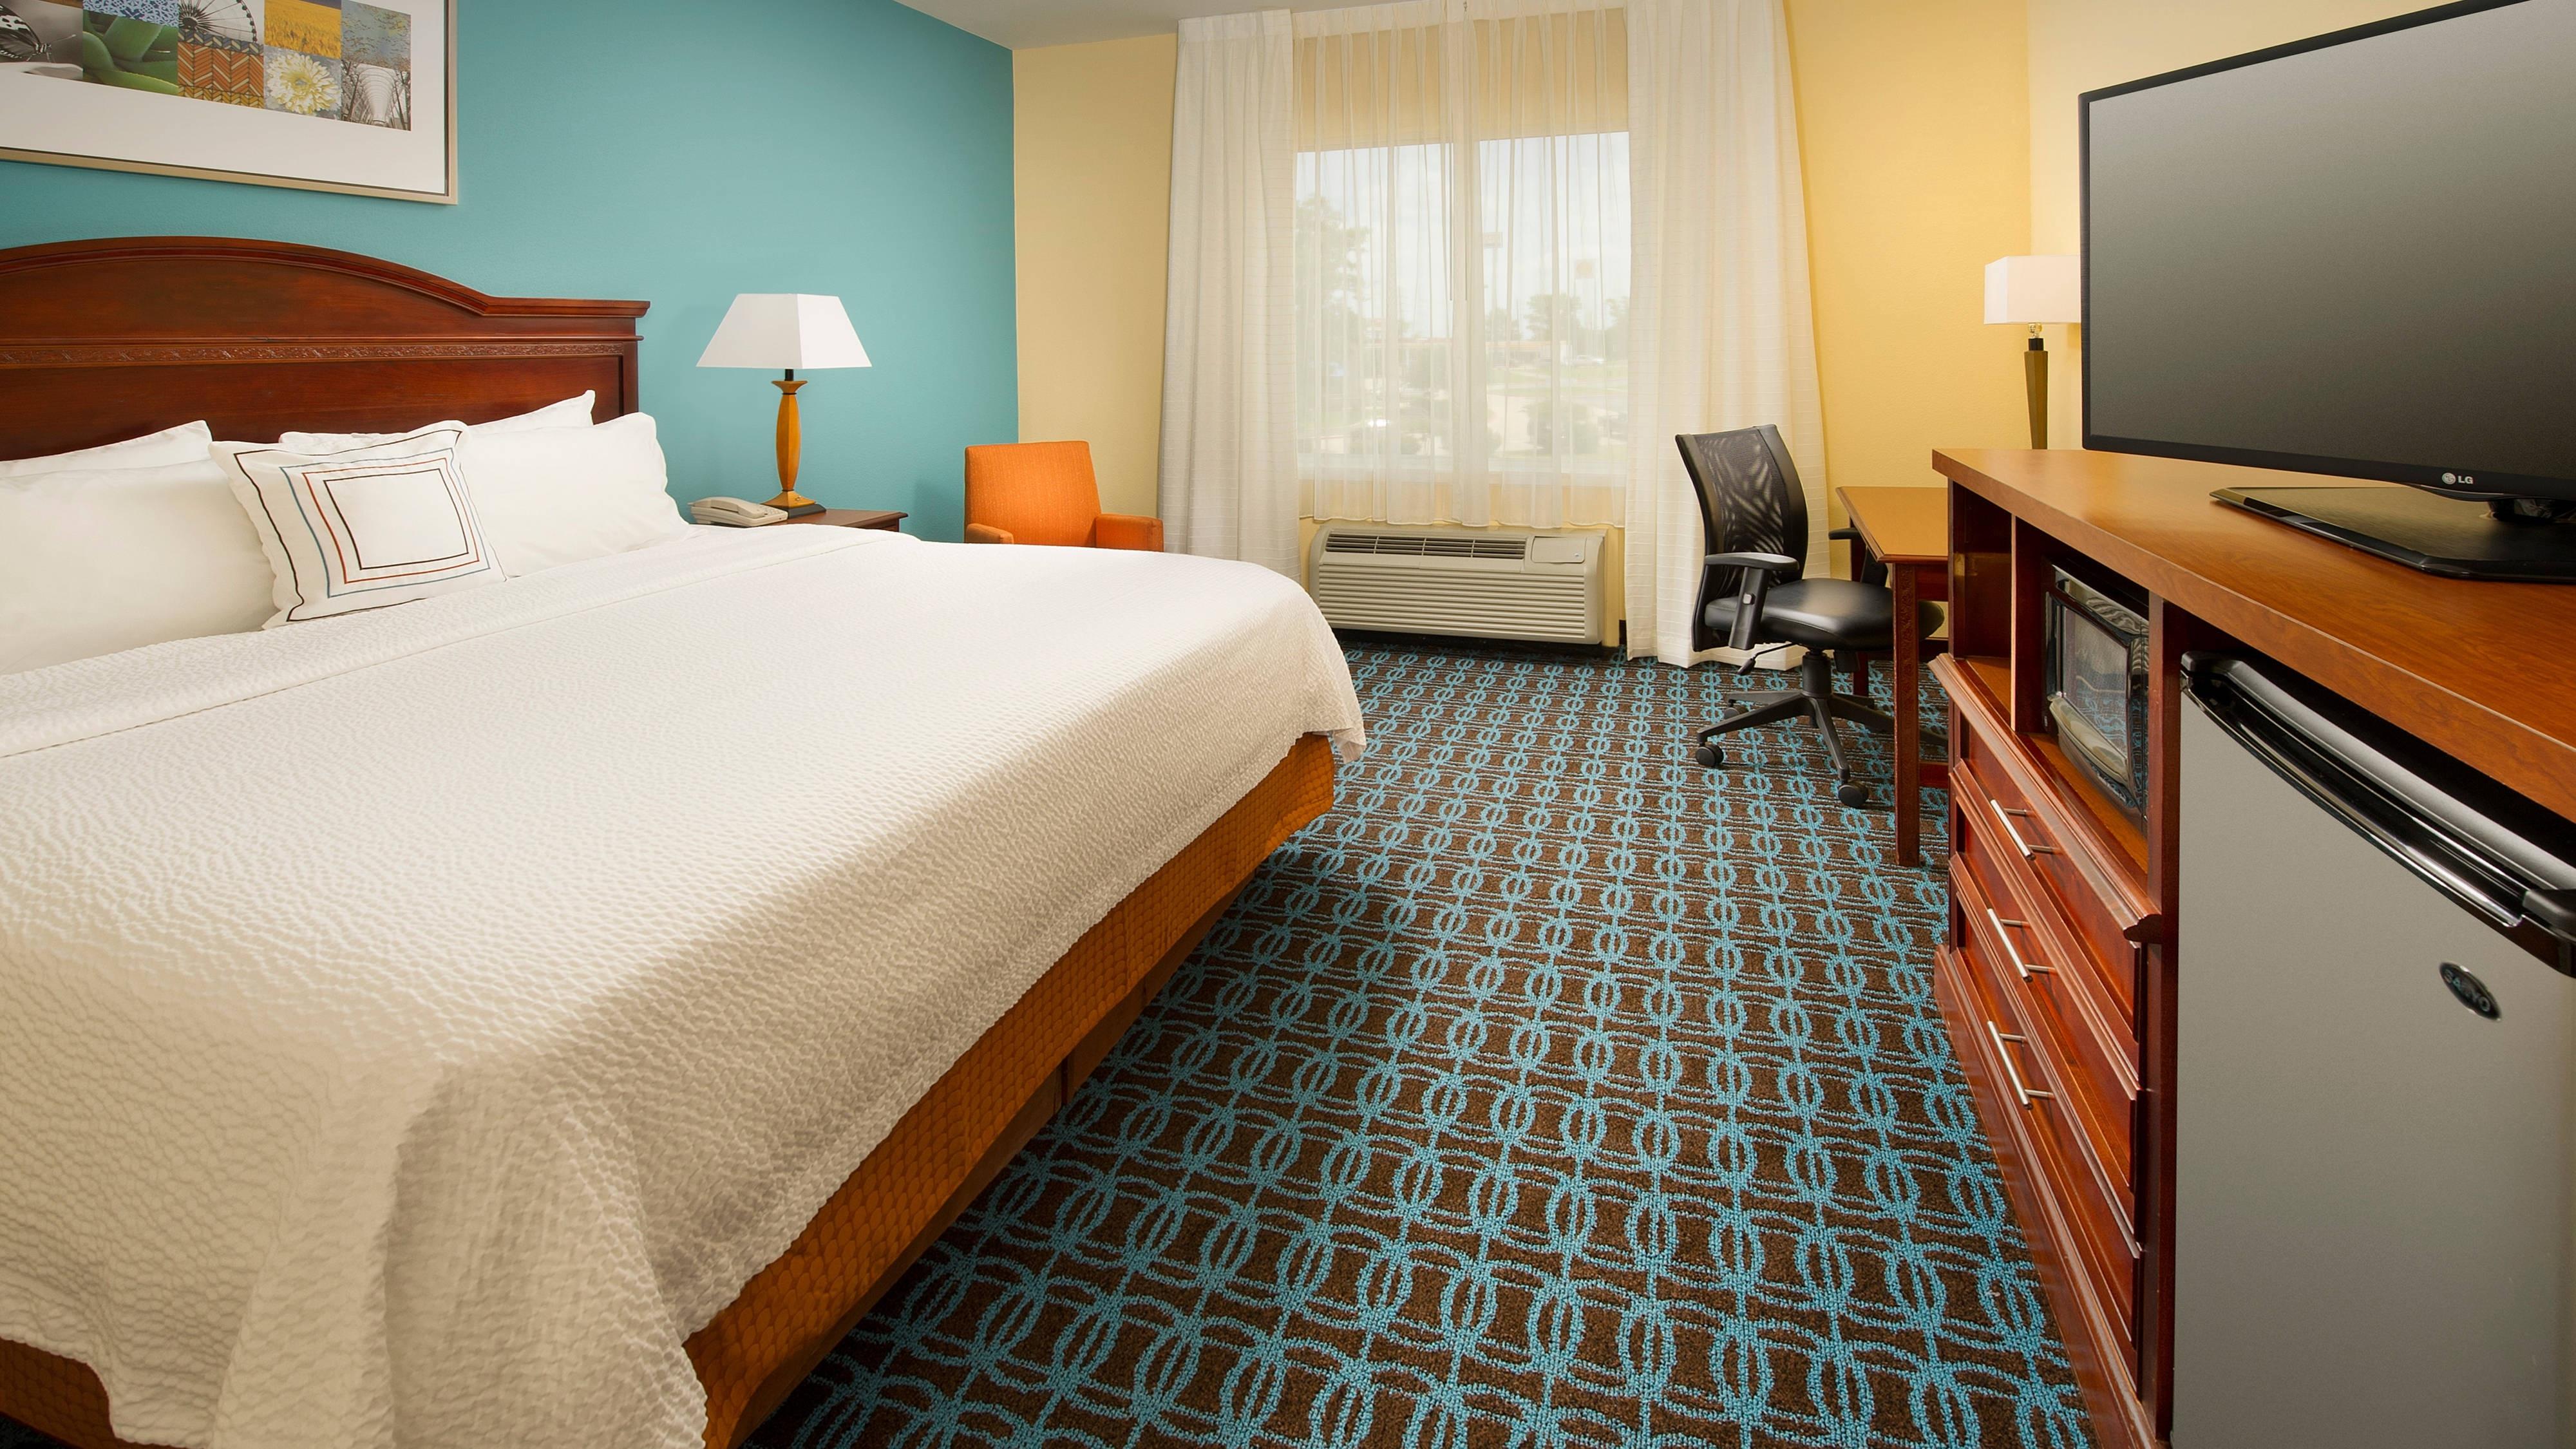 Waco Texas Hotel King Room